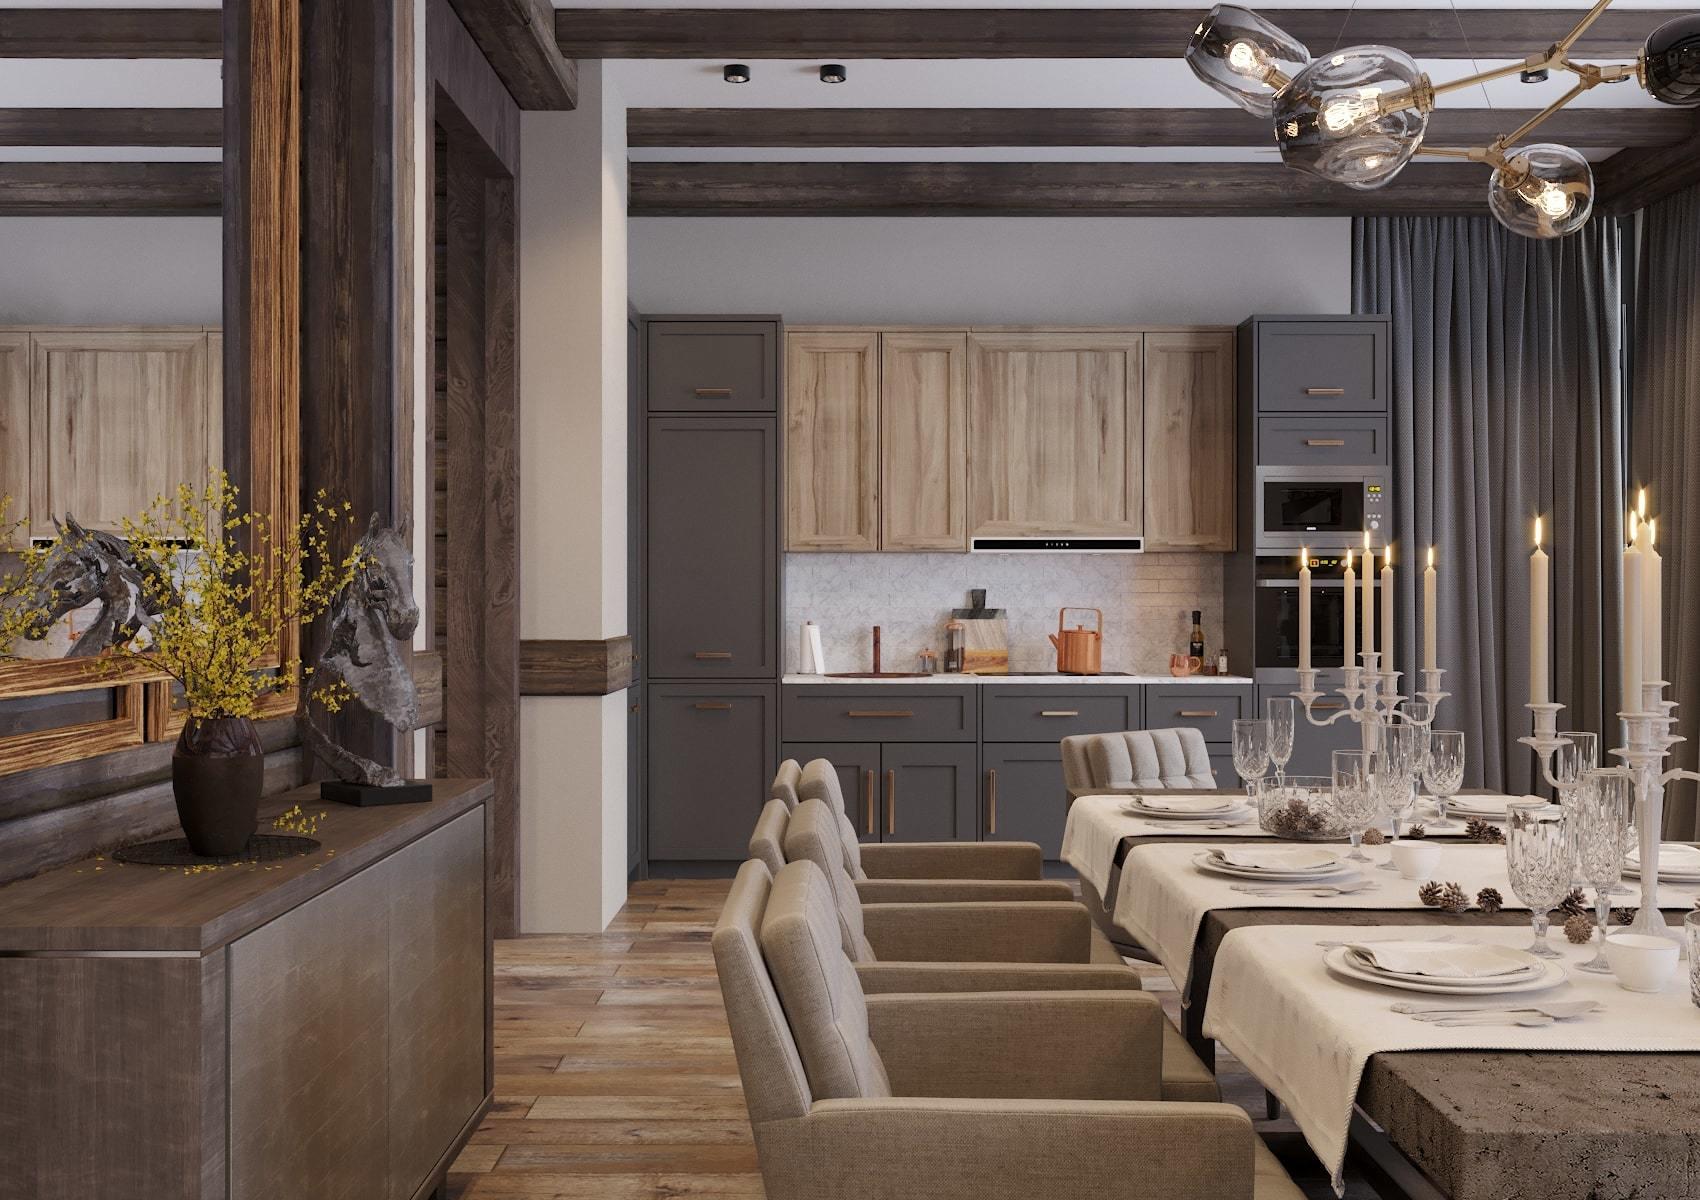 кухня гостиная дизайн интерьер в квартире